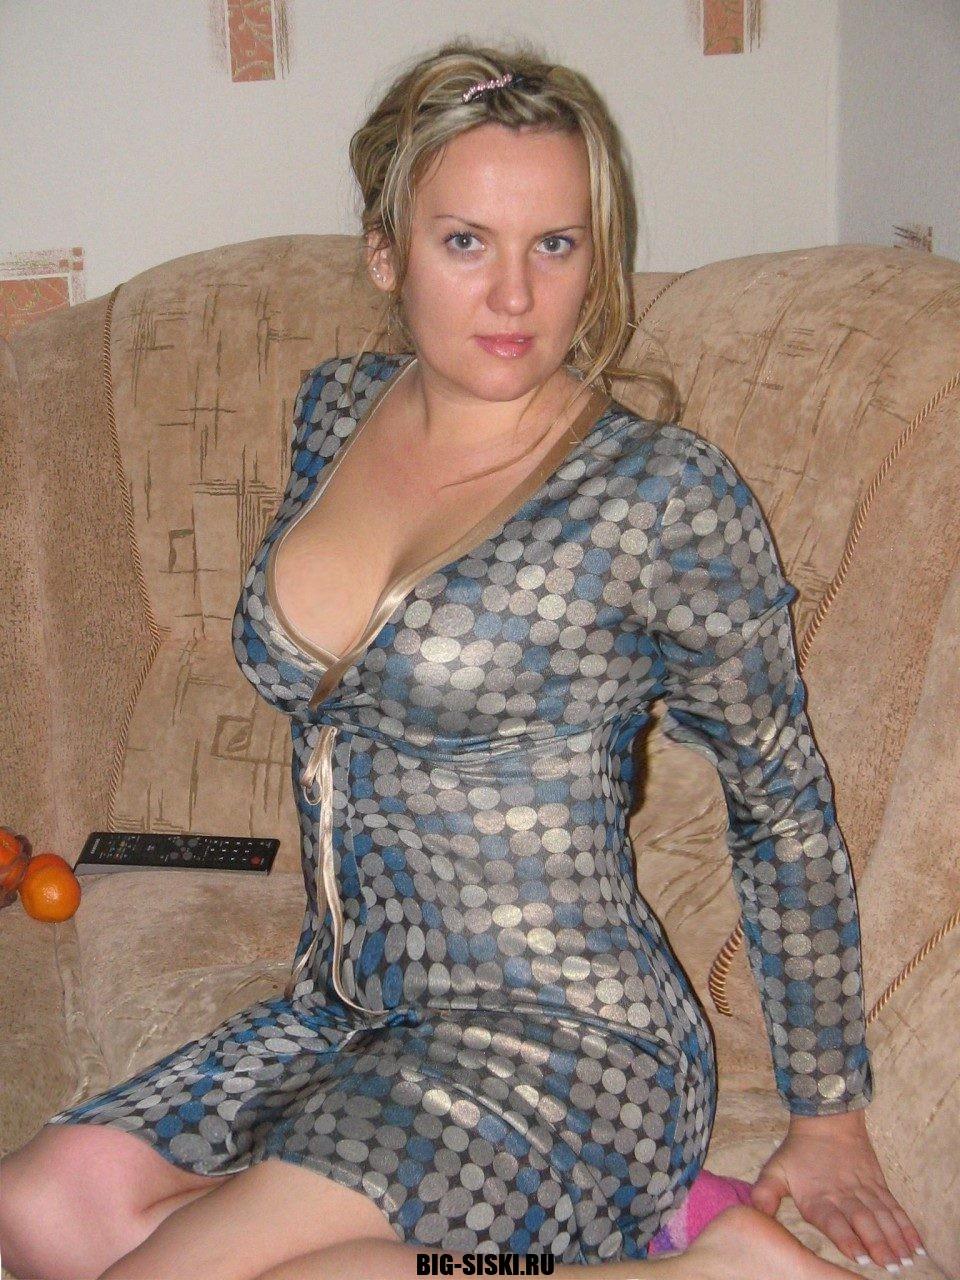 Фото зрелой жены сидящей на кровате